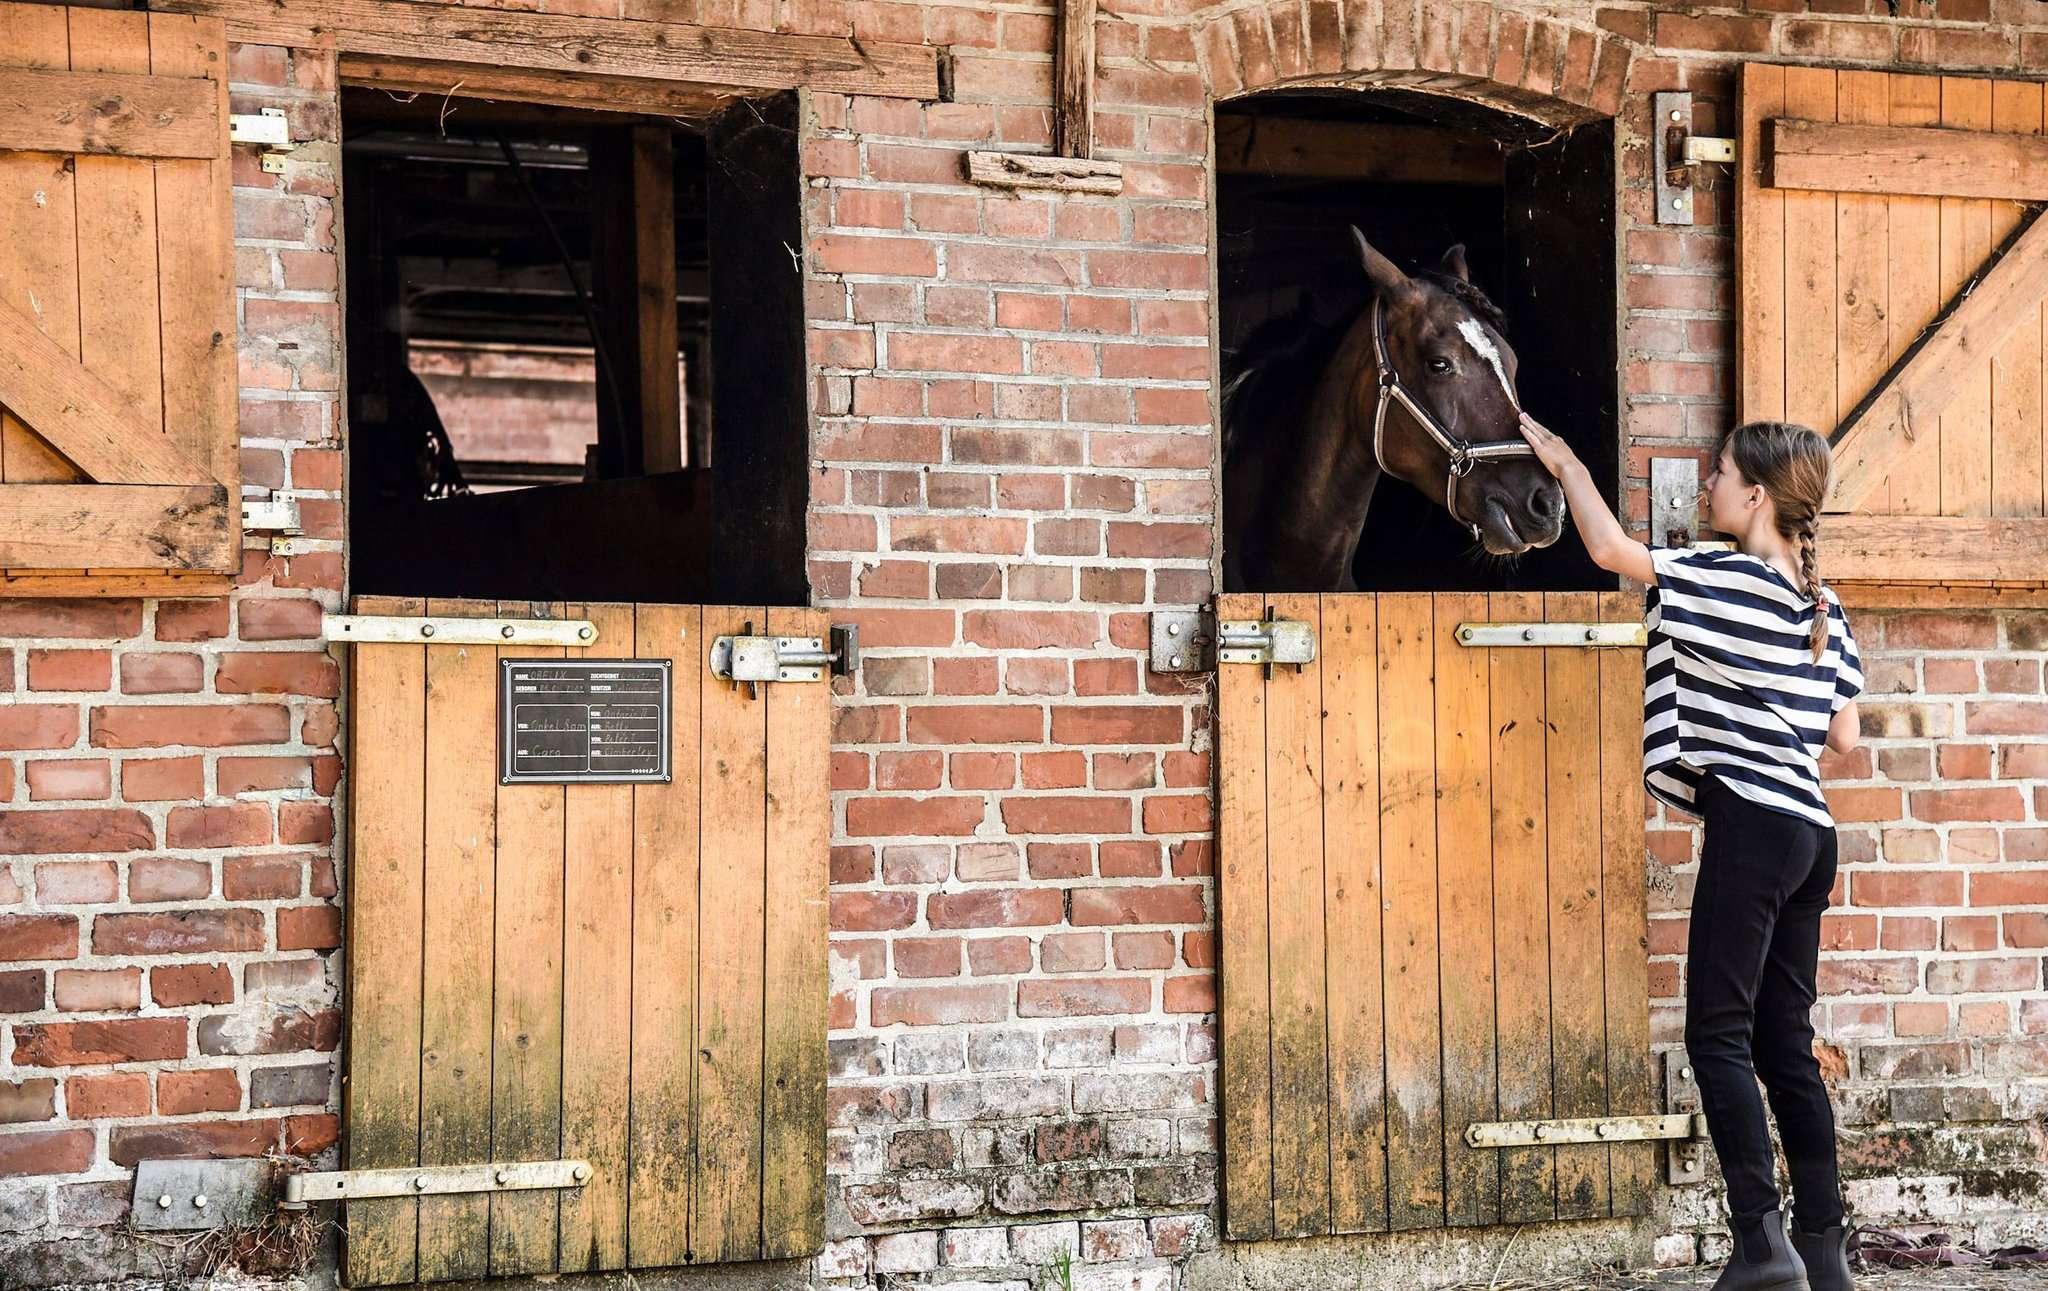 Das Glück der Erde liegt für sie auf dem Rücken der Pferde: Lilly Strathmann hat ihre Schwester Milla auf einem Pferdehof in Bothel fotografiert.